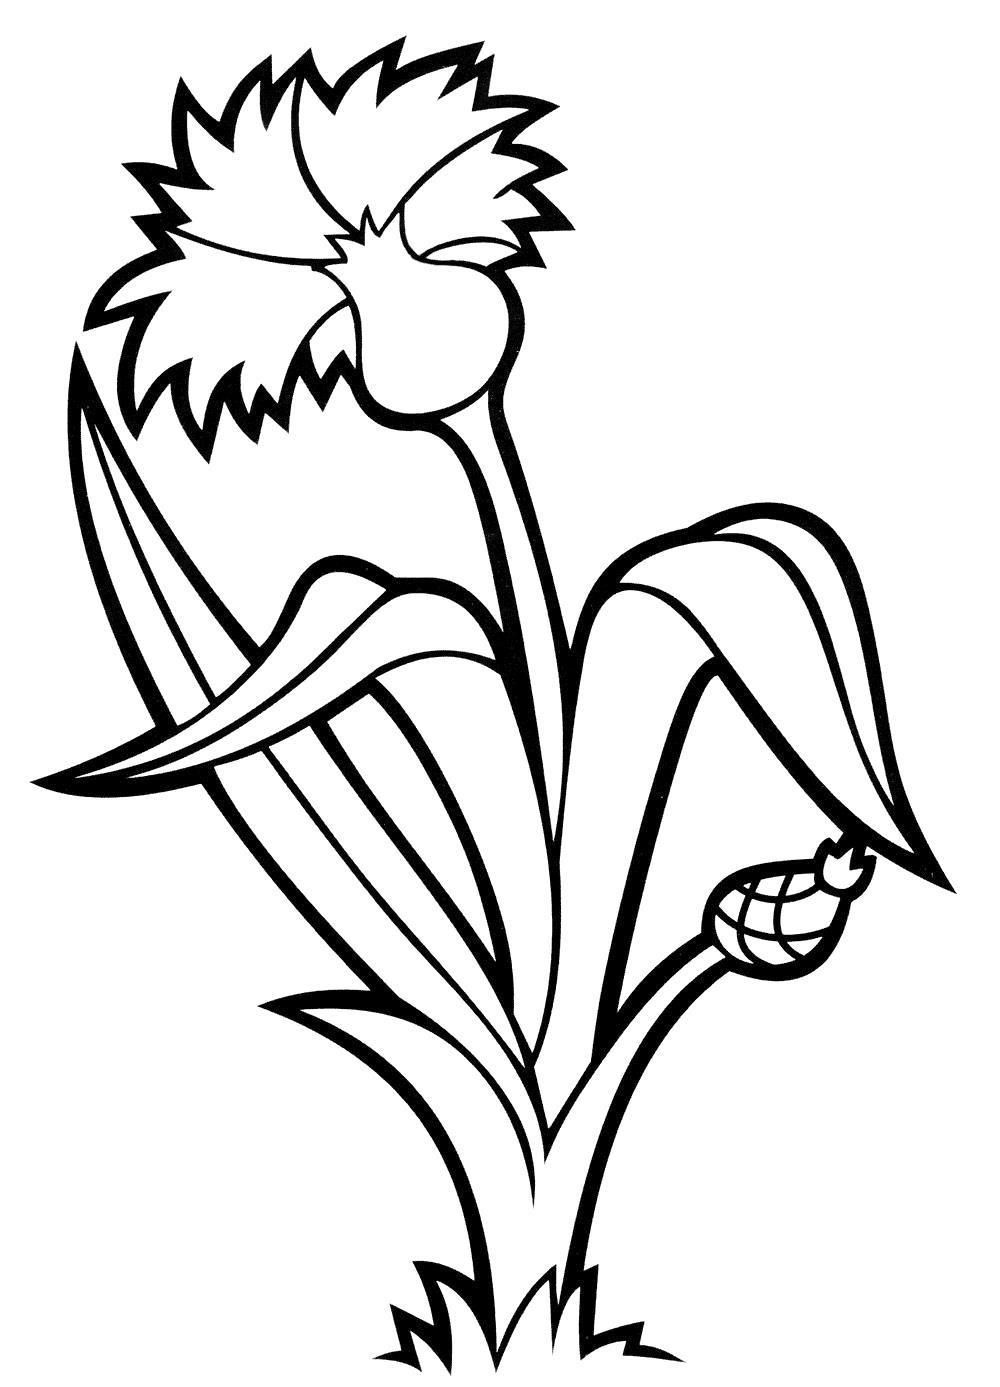 Полевые цветы Василек. Онлайн бесплатные раскраски цветыраскраски цветы